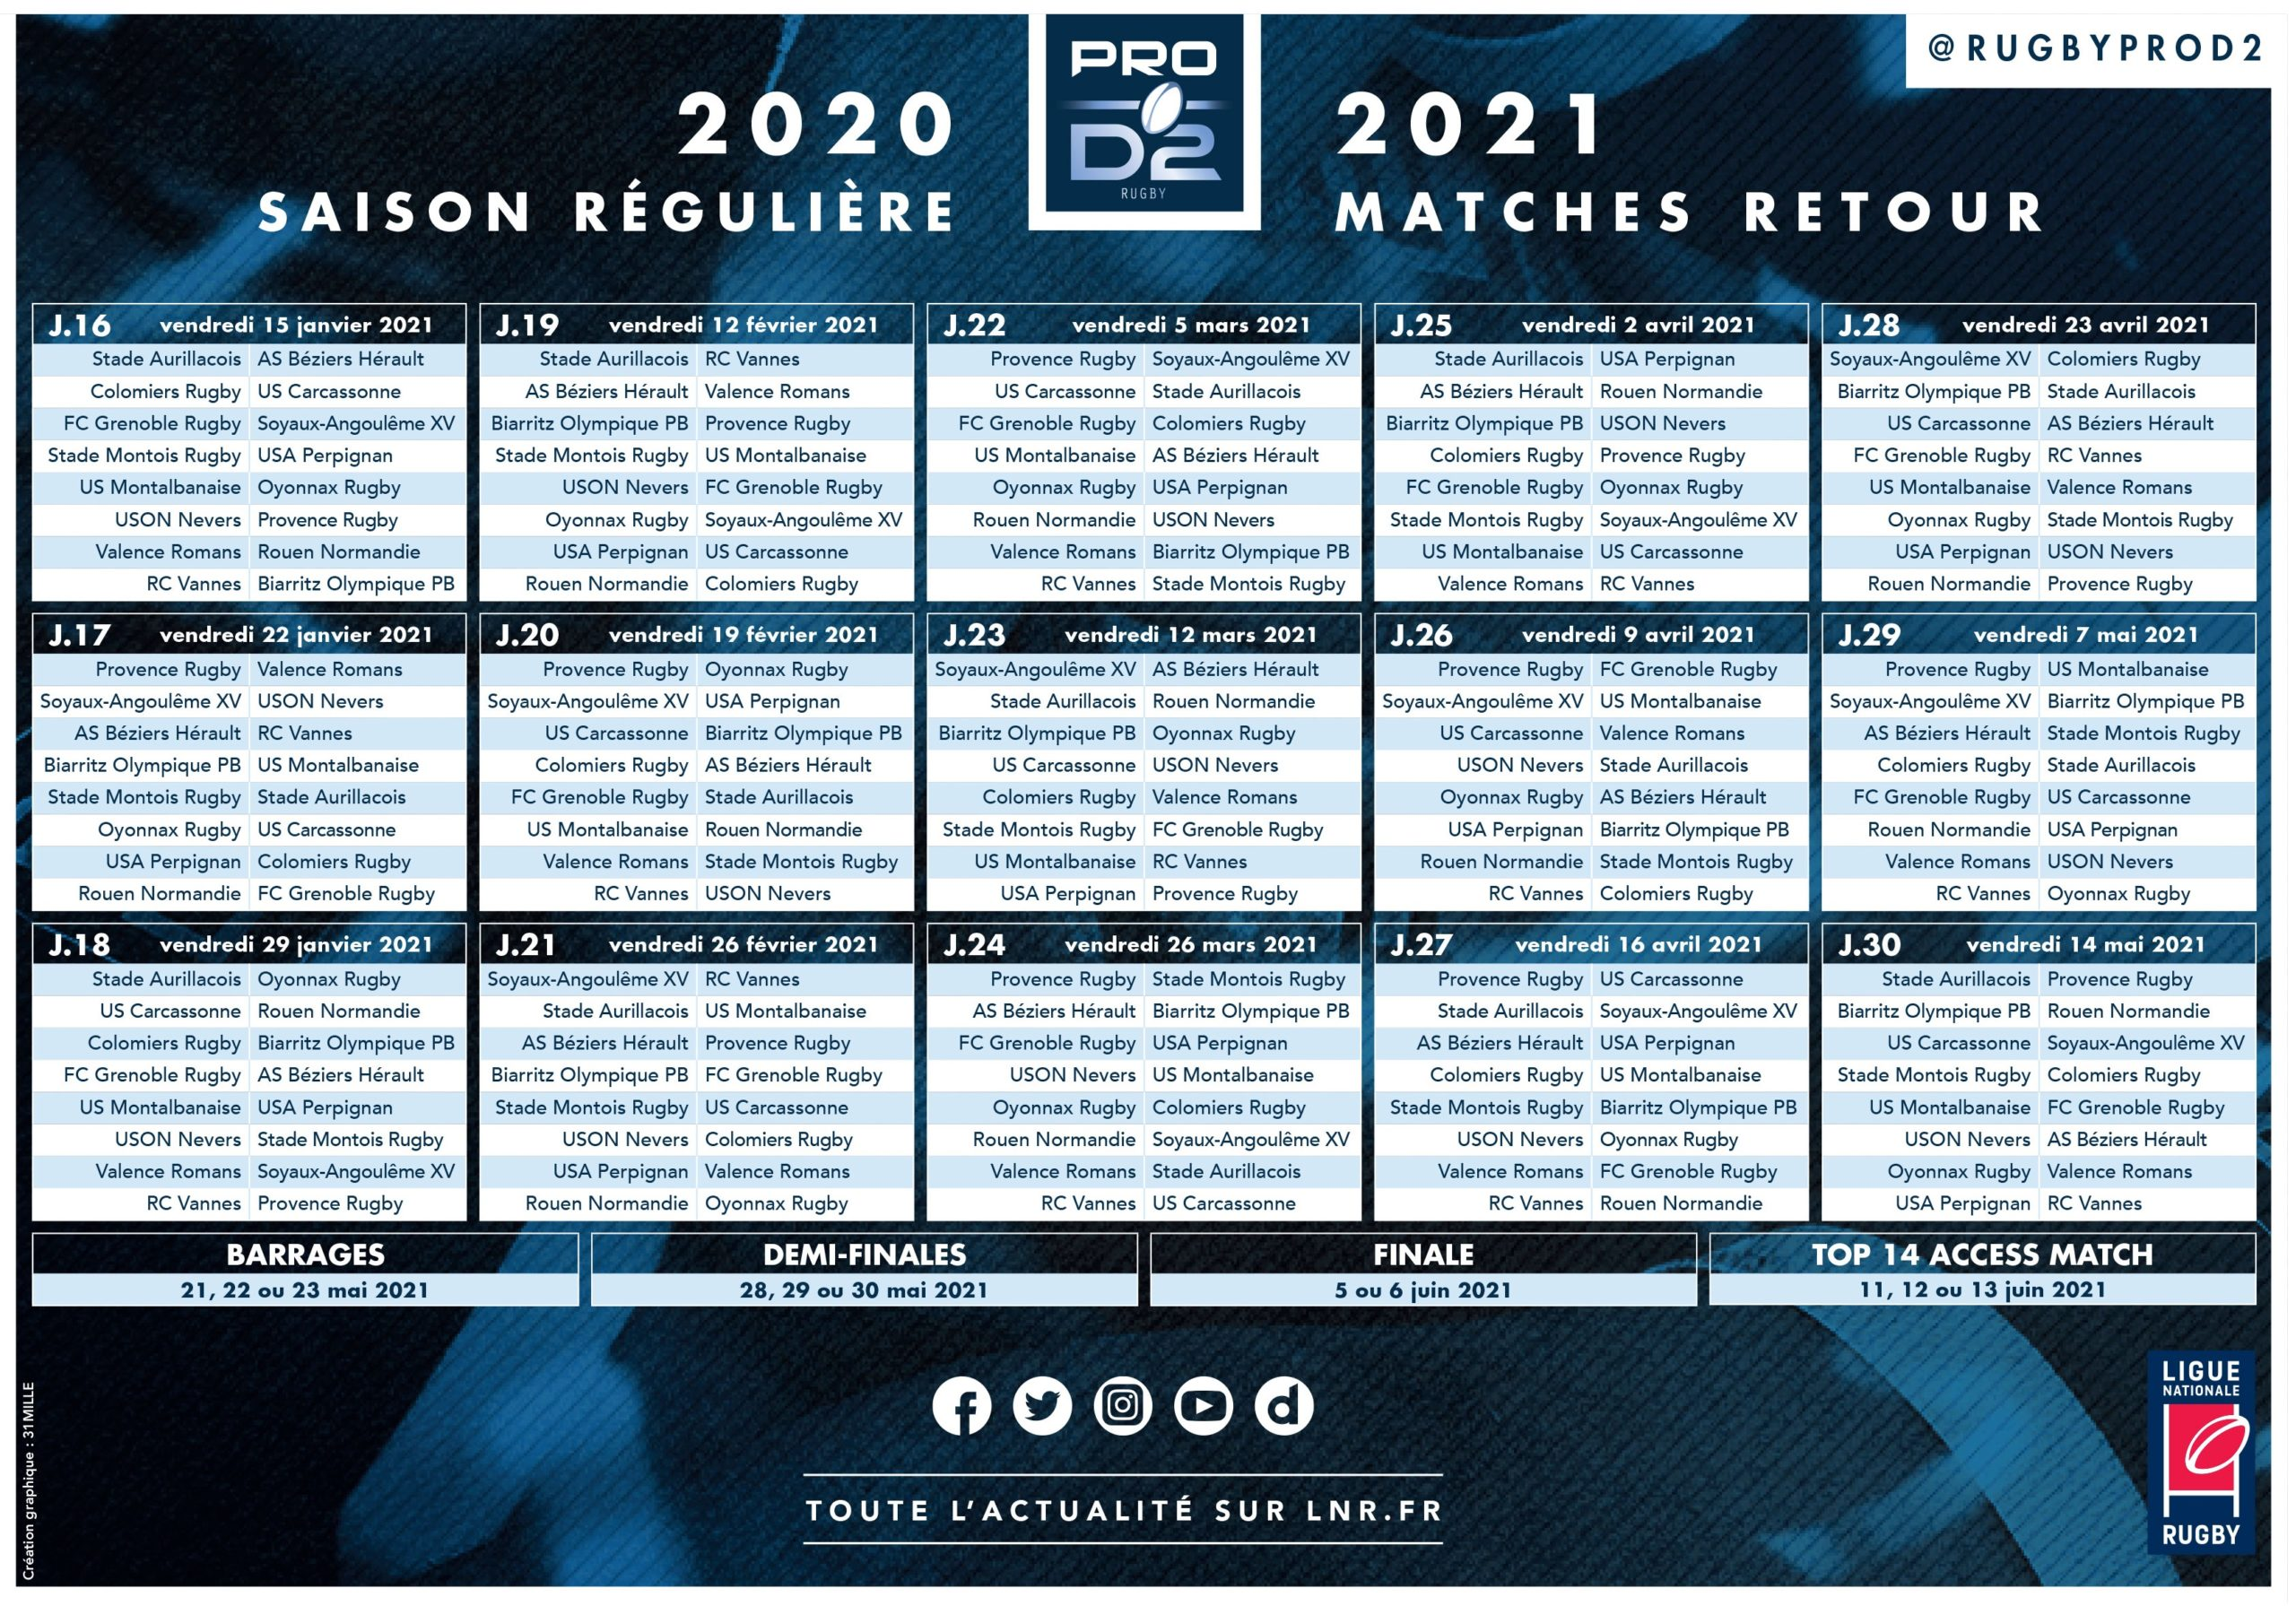 Calendrier Top 14 2021 2022 Pdf Rugby à XV   Pro D2 : le calendrier 2020/2021 complet, journée par